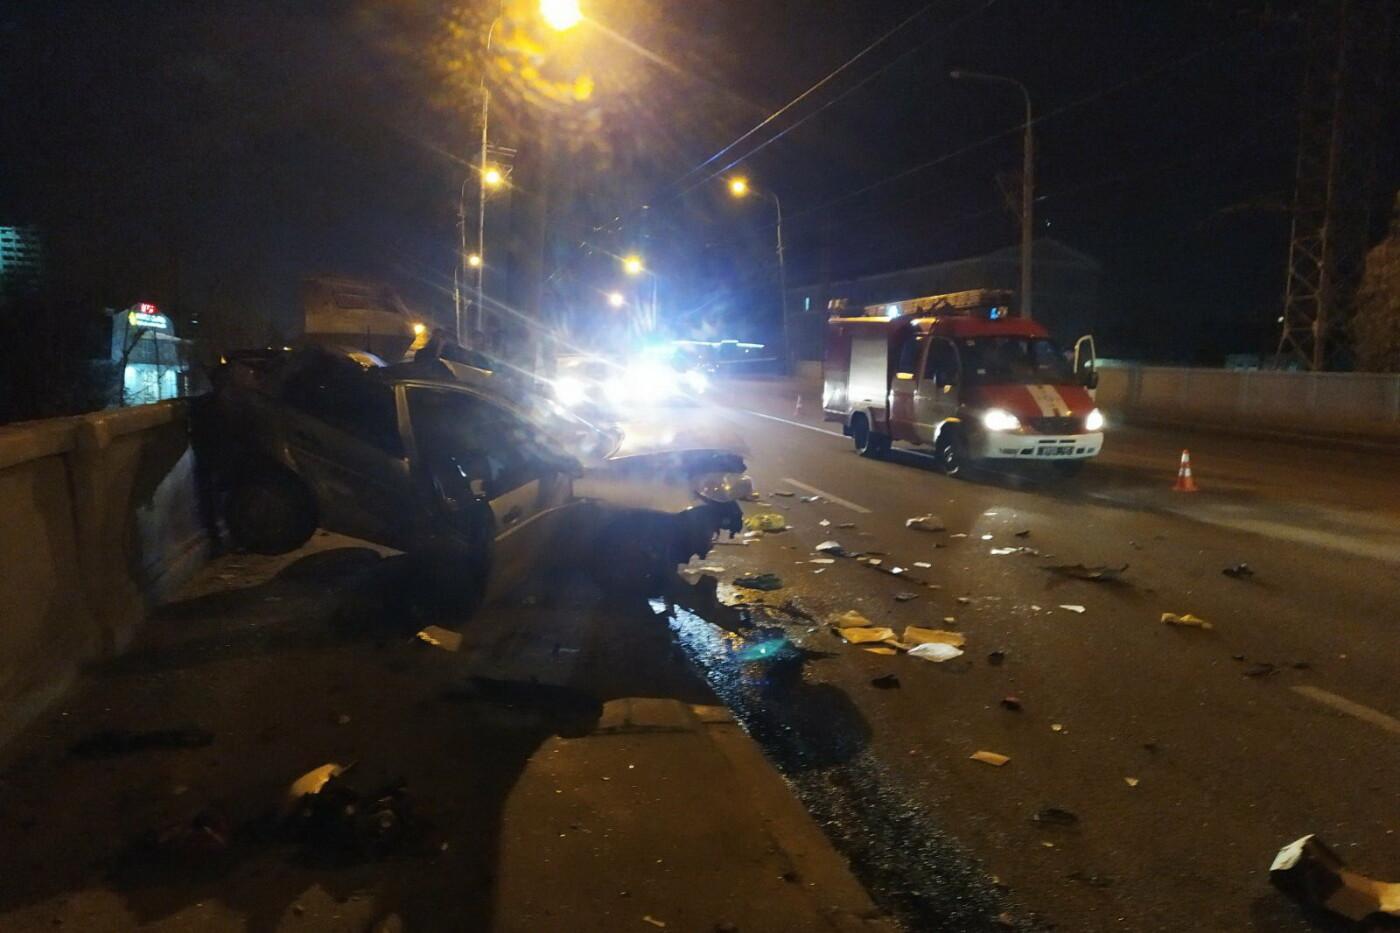 В Харькове «Hyundai» влетел в столб: спасатели вырезали травмированного водителя из «смятого» авто, - ФОТО, фото-2